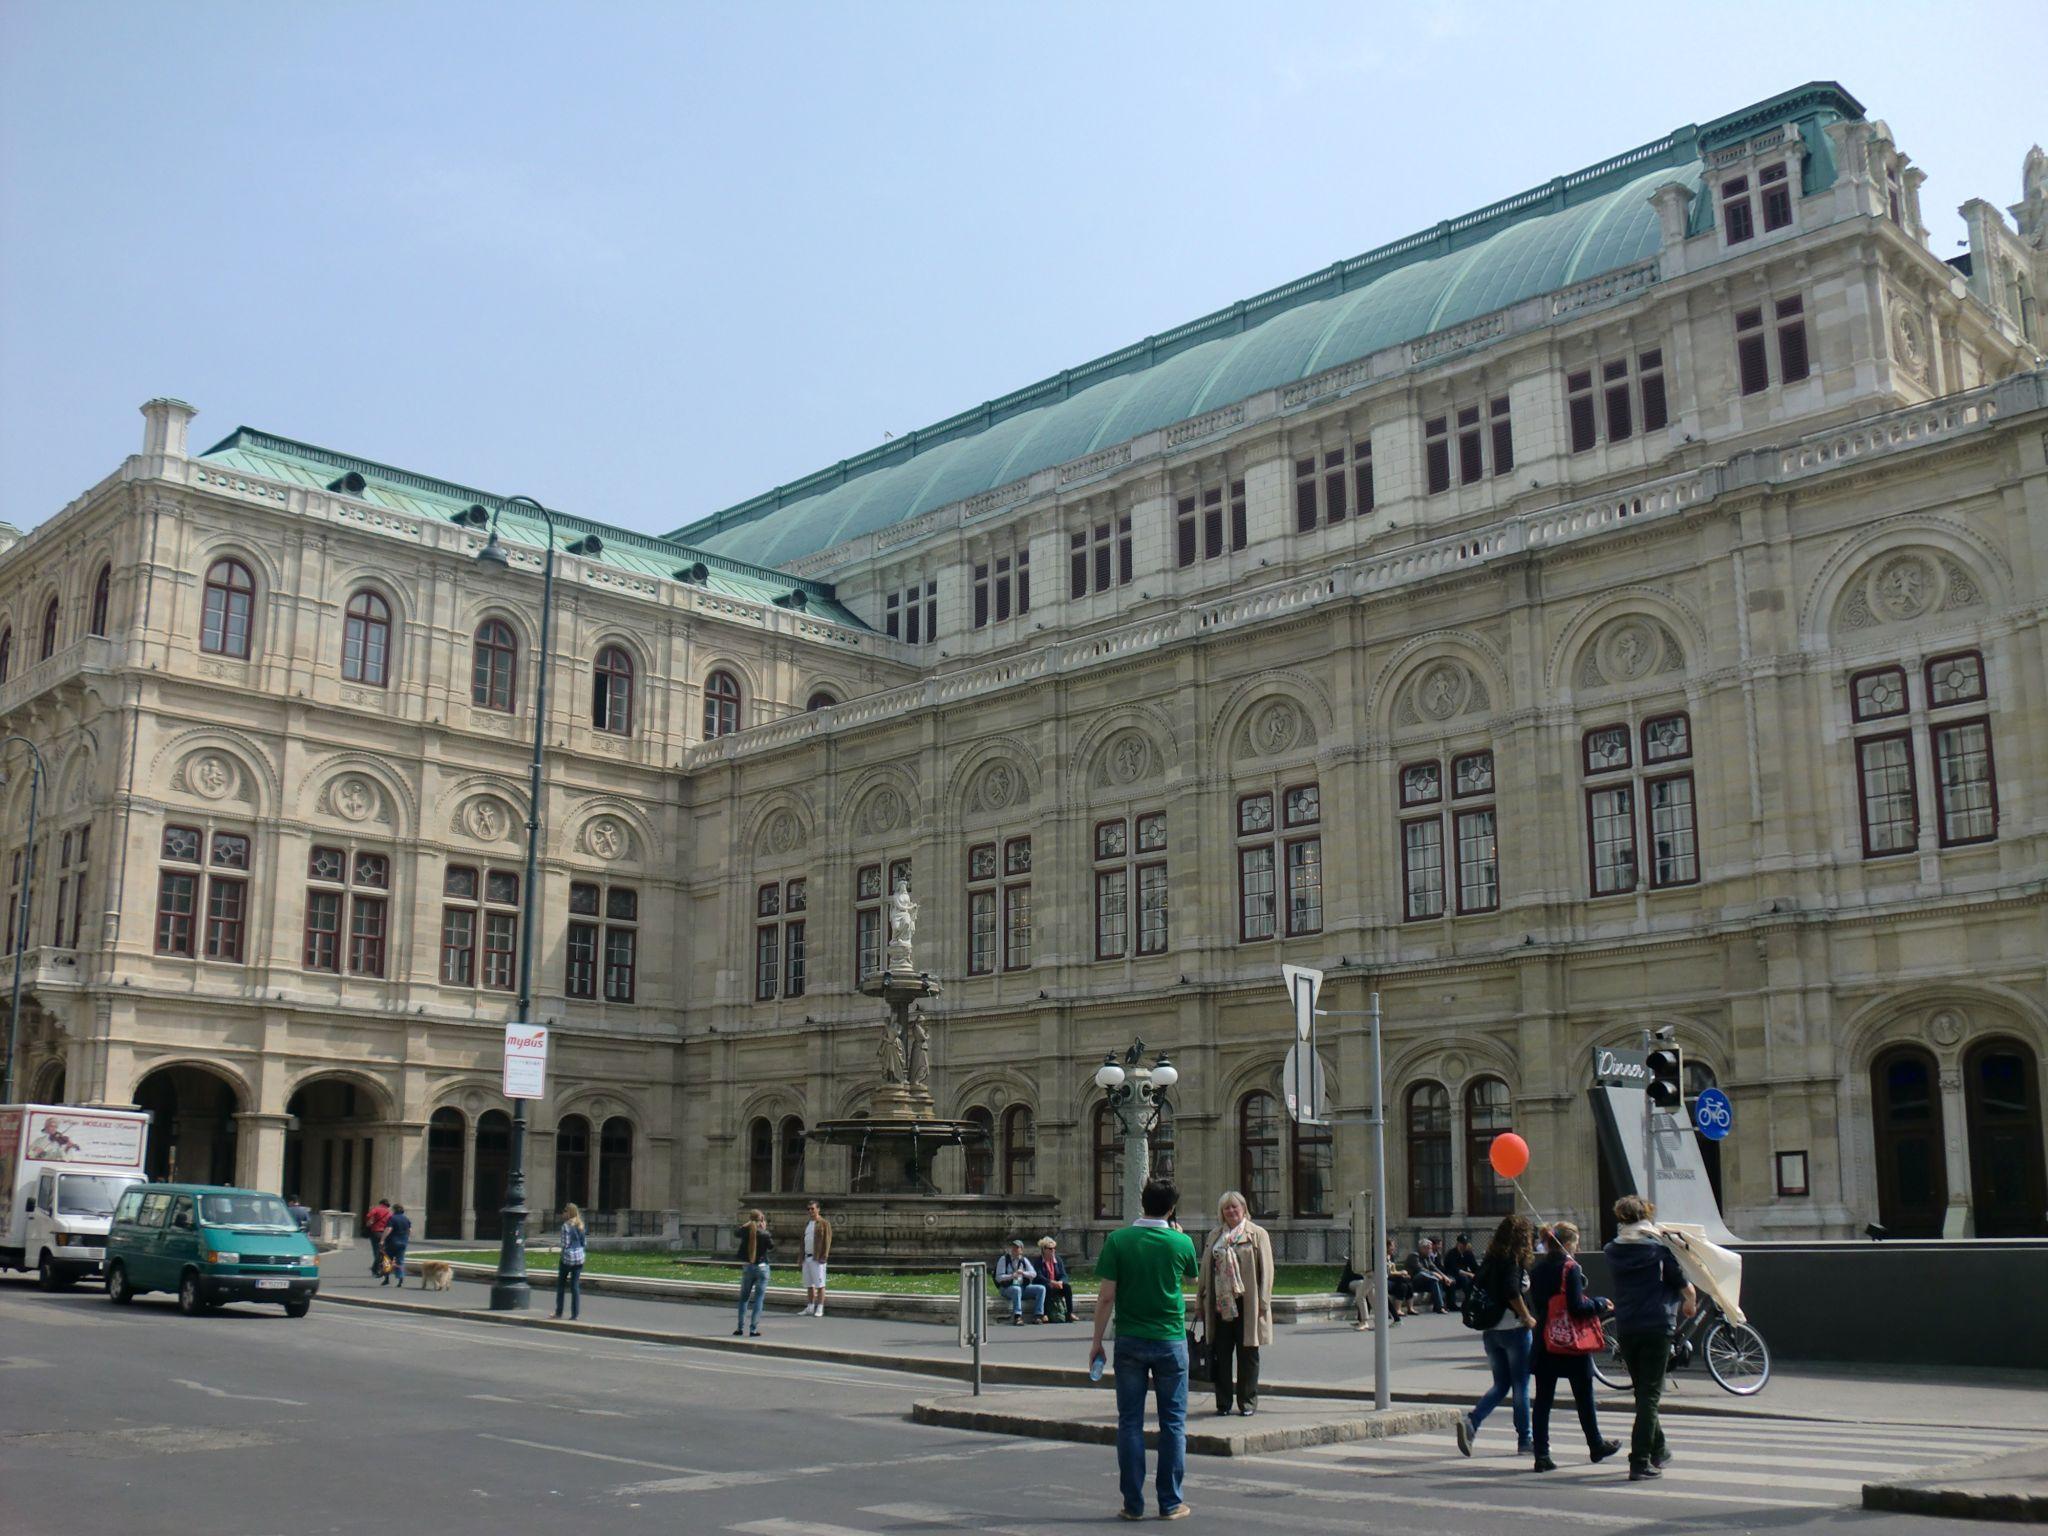 Vienna Opera 1 1440x1080 - Vienna: elegant beauty